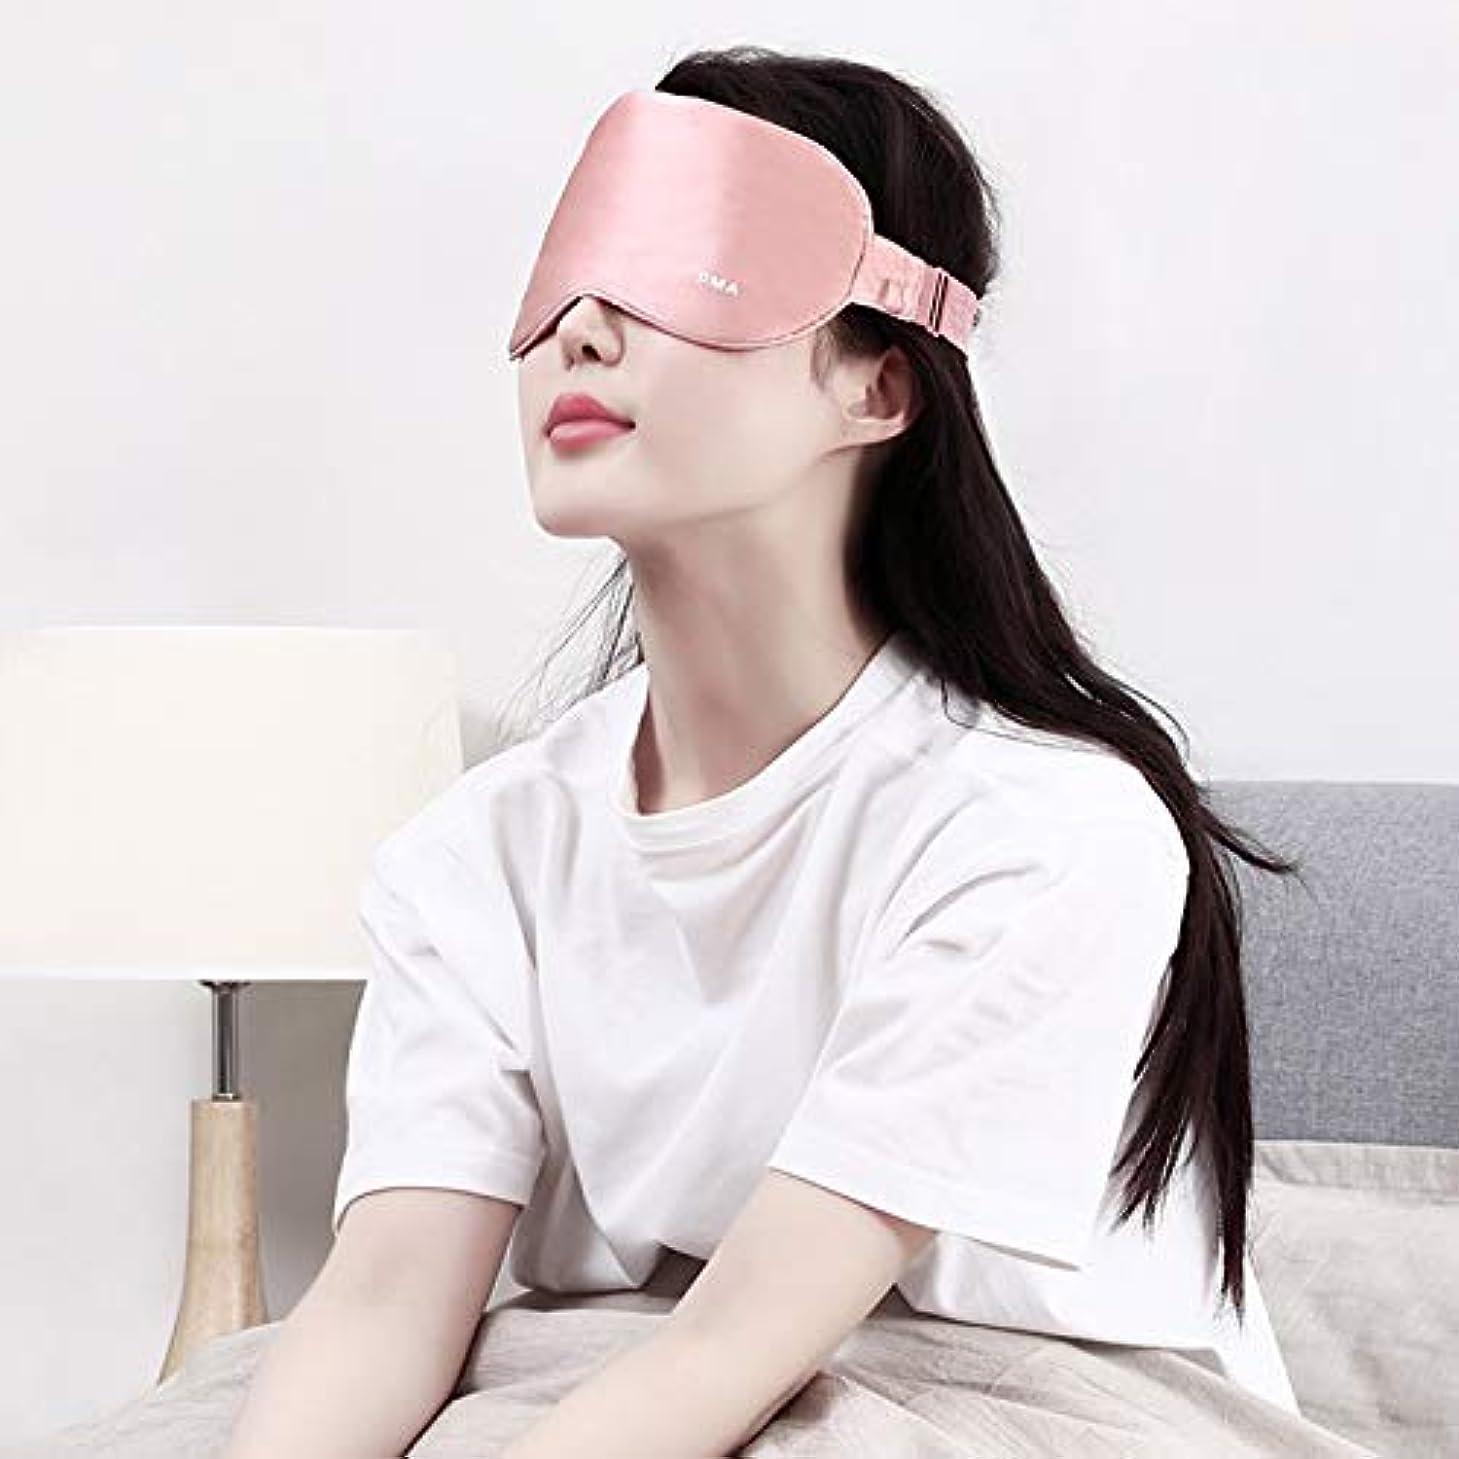 言語学比喩マイルドNOTE グスタラ睡眠アイマスク発熱シルク目隠し用アイケアツール睡眠マスク自動電源オフ調節可能な温度